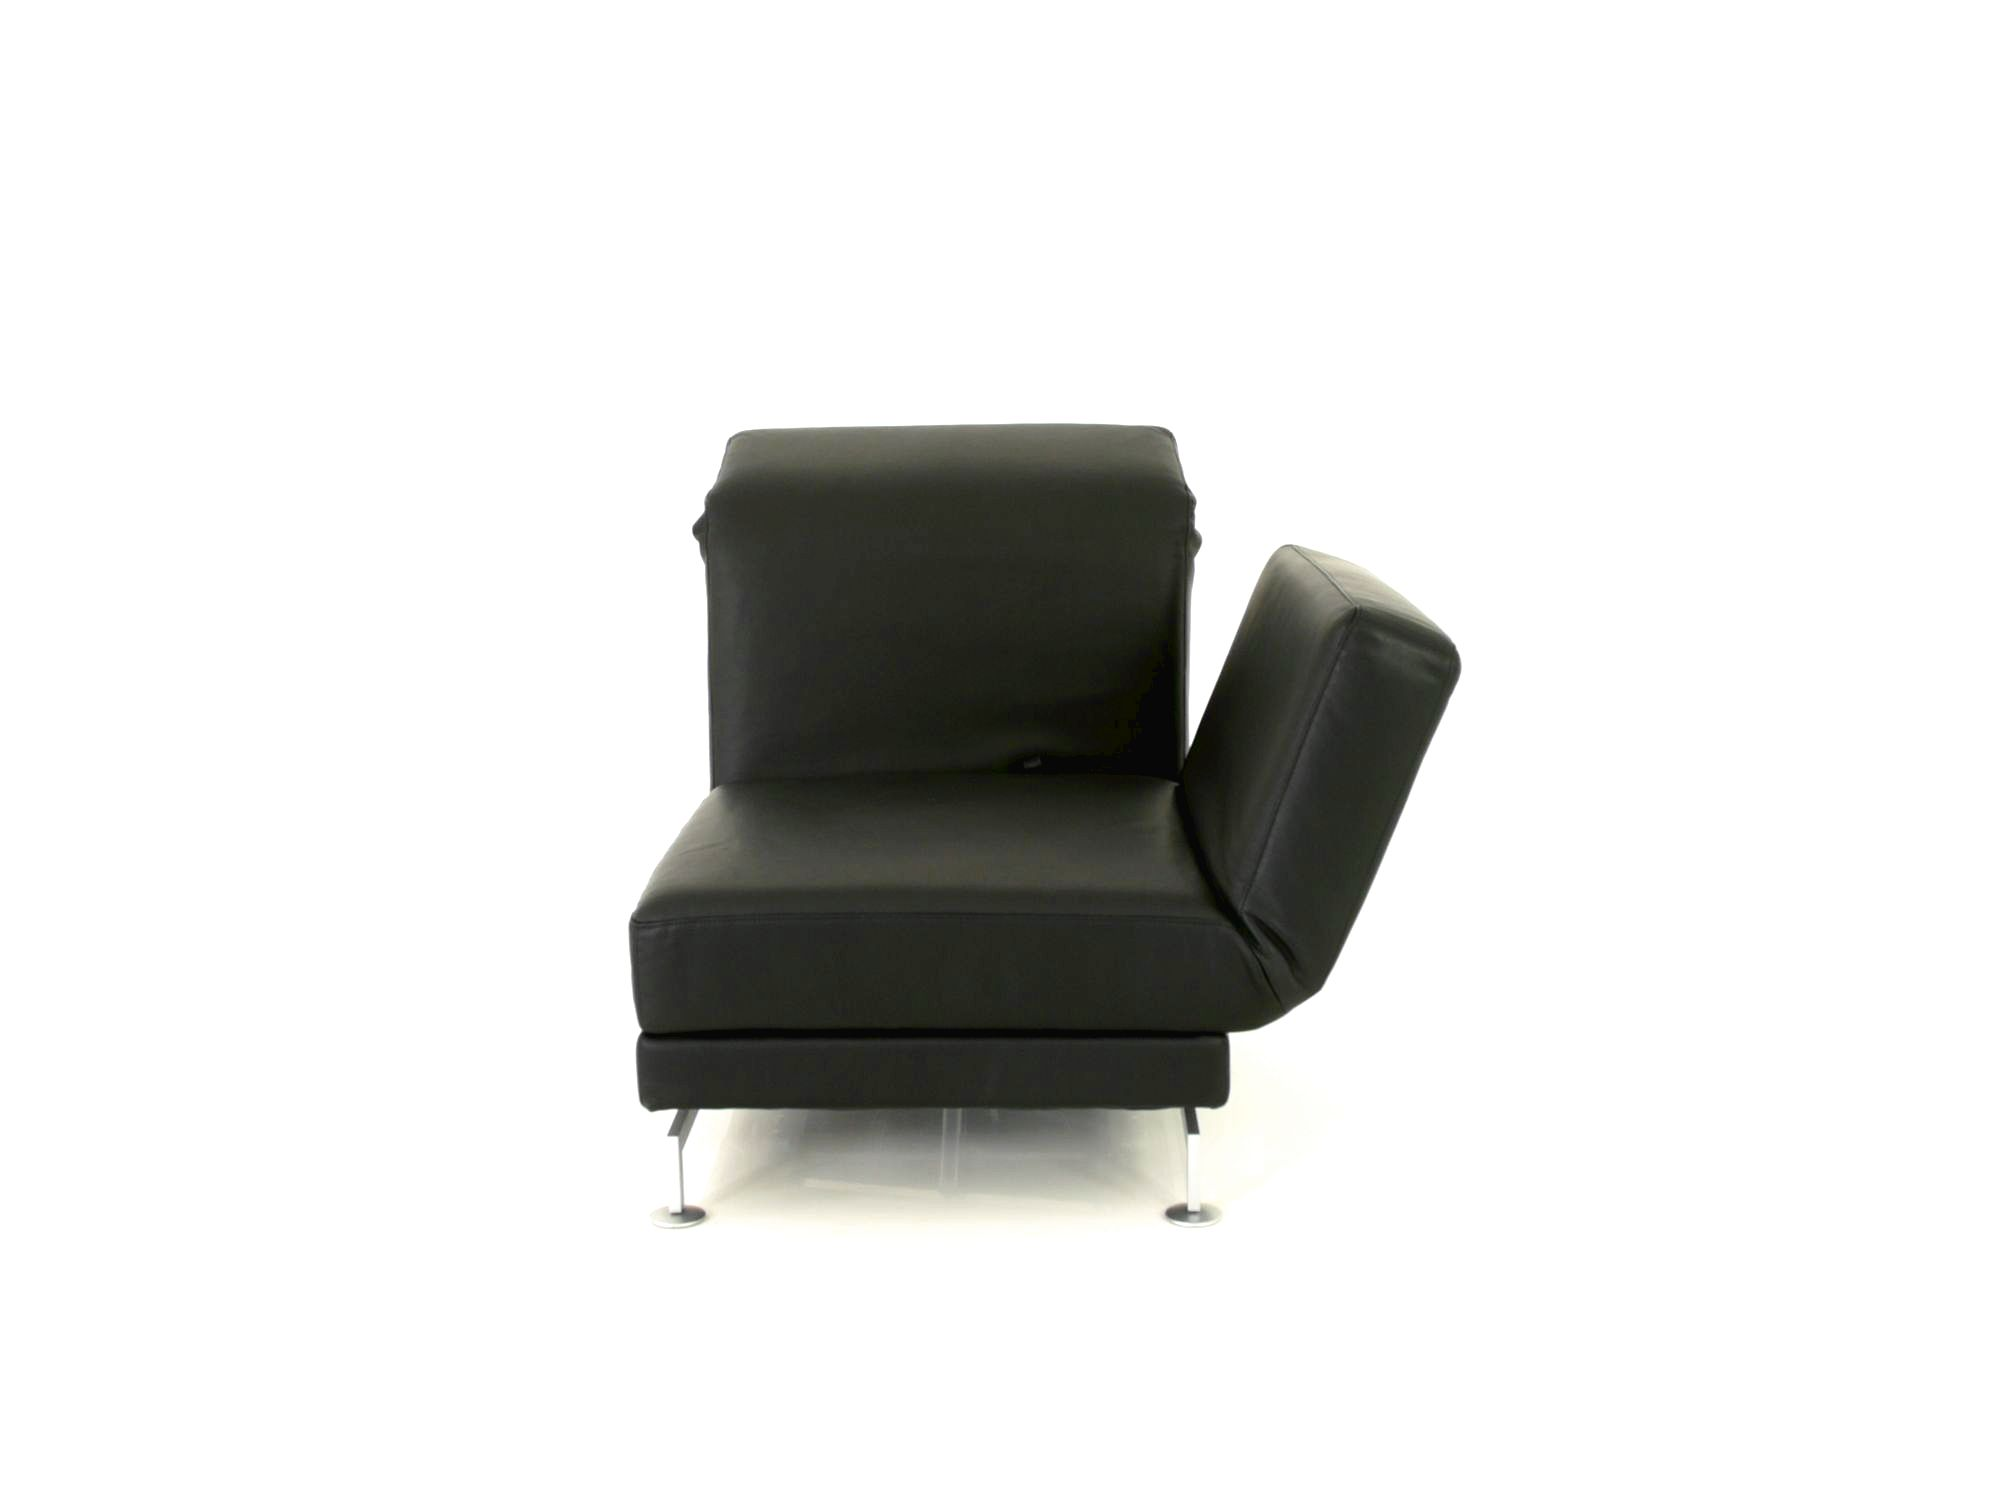 Sessel sofas outlet izabela k for Wohnlandschaften outlet